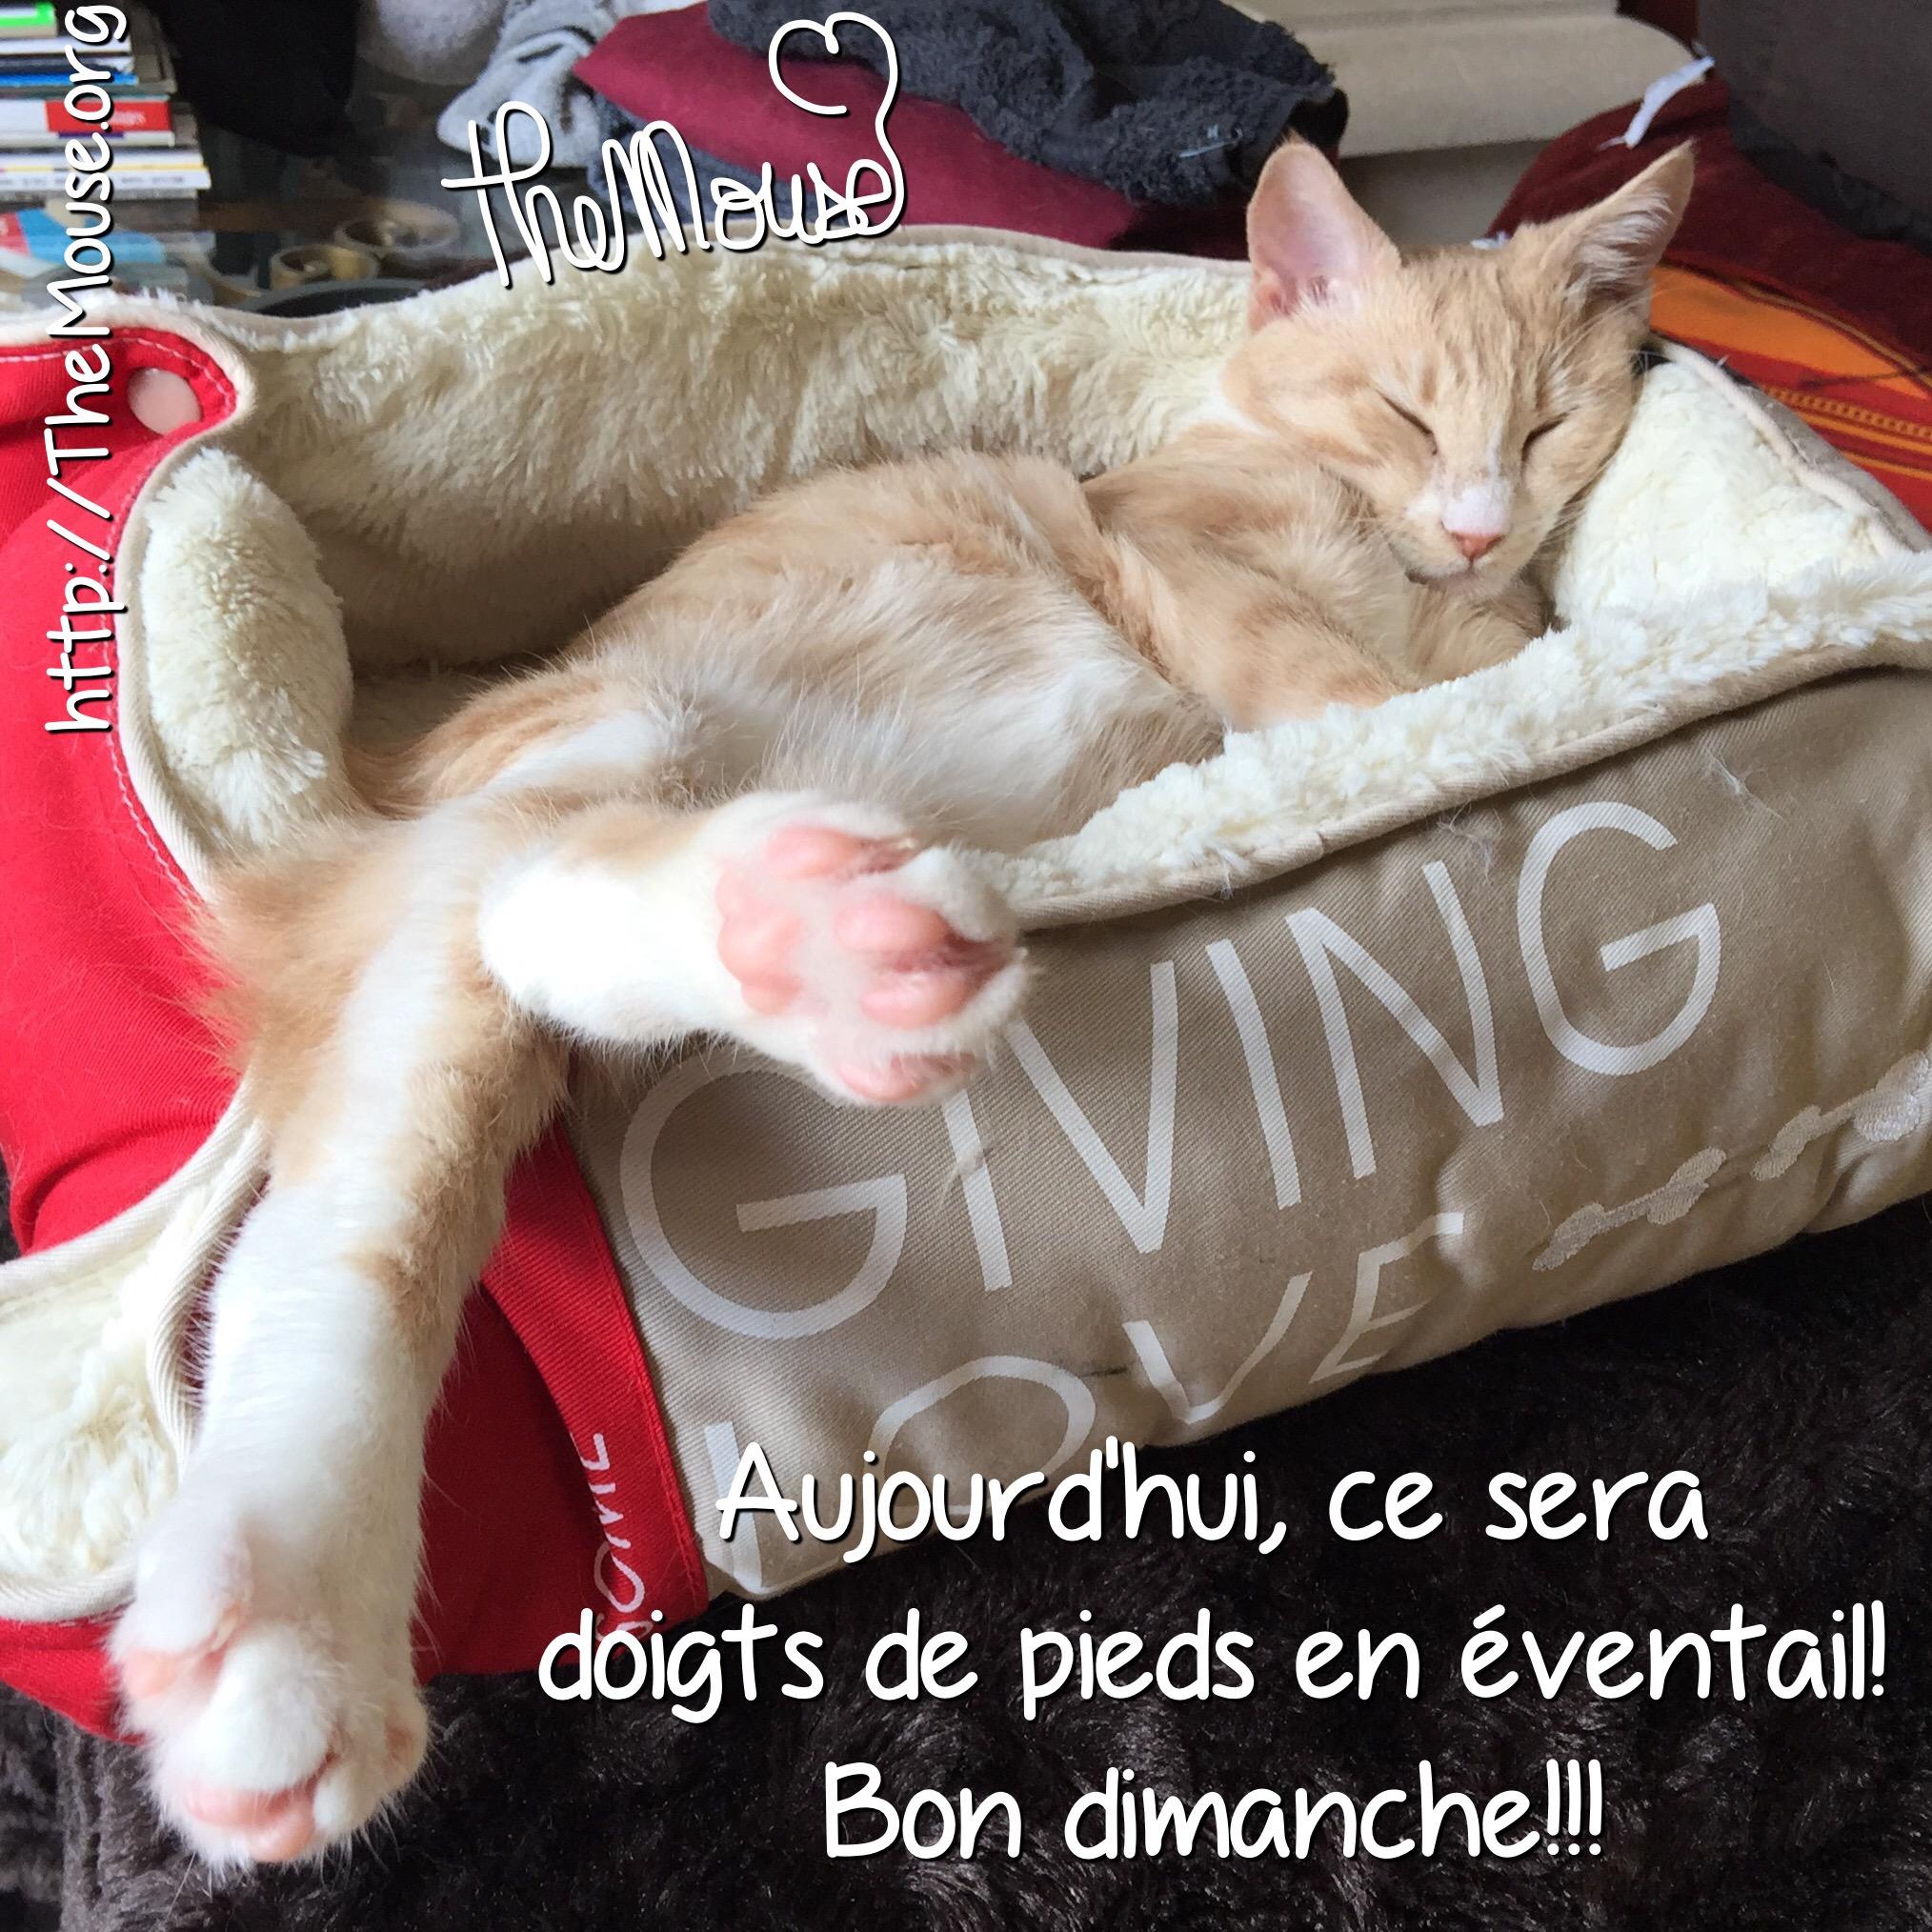 Vie de chat: Prada vous souhaite un bon dimanche! | Les quinquas re-belles